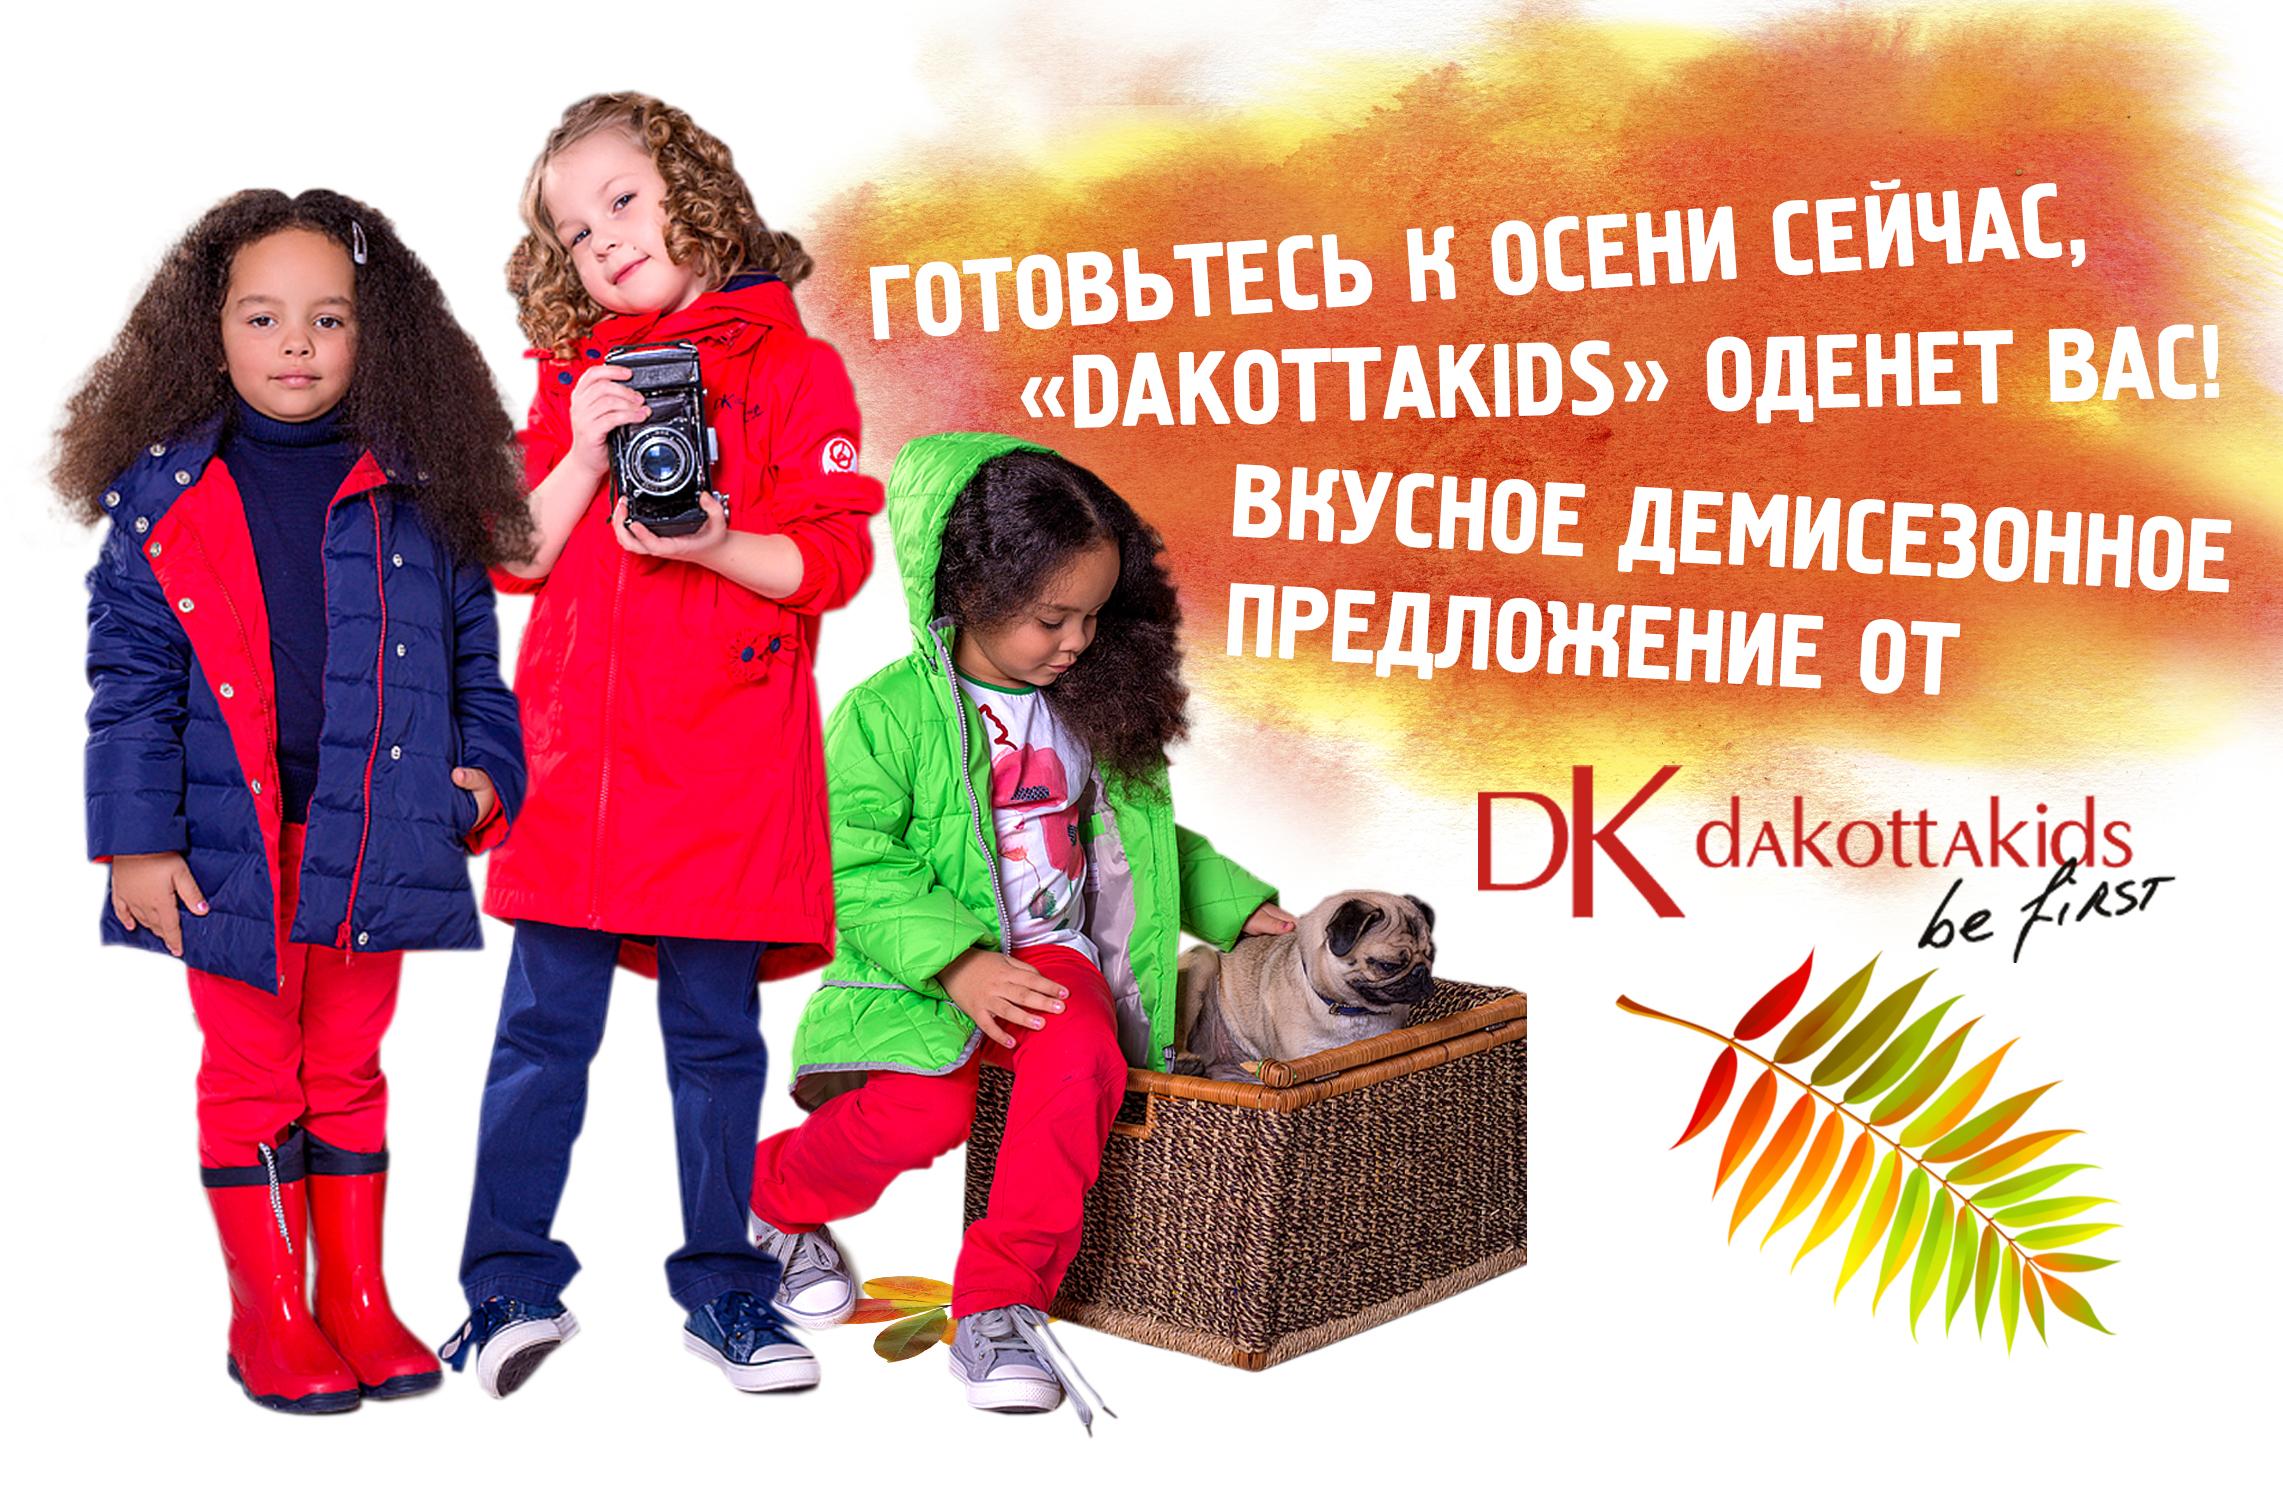 Сбор заказов. Детская одежда из США Dakottakids. Налетайте. Улетные цены на все коллекции от 190 руб. Скидки до 40% на